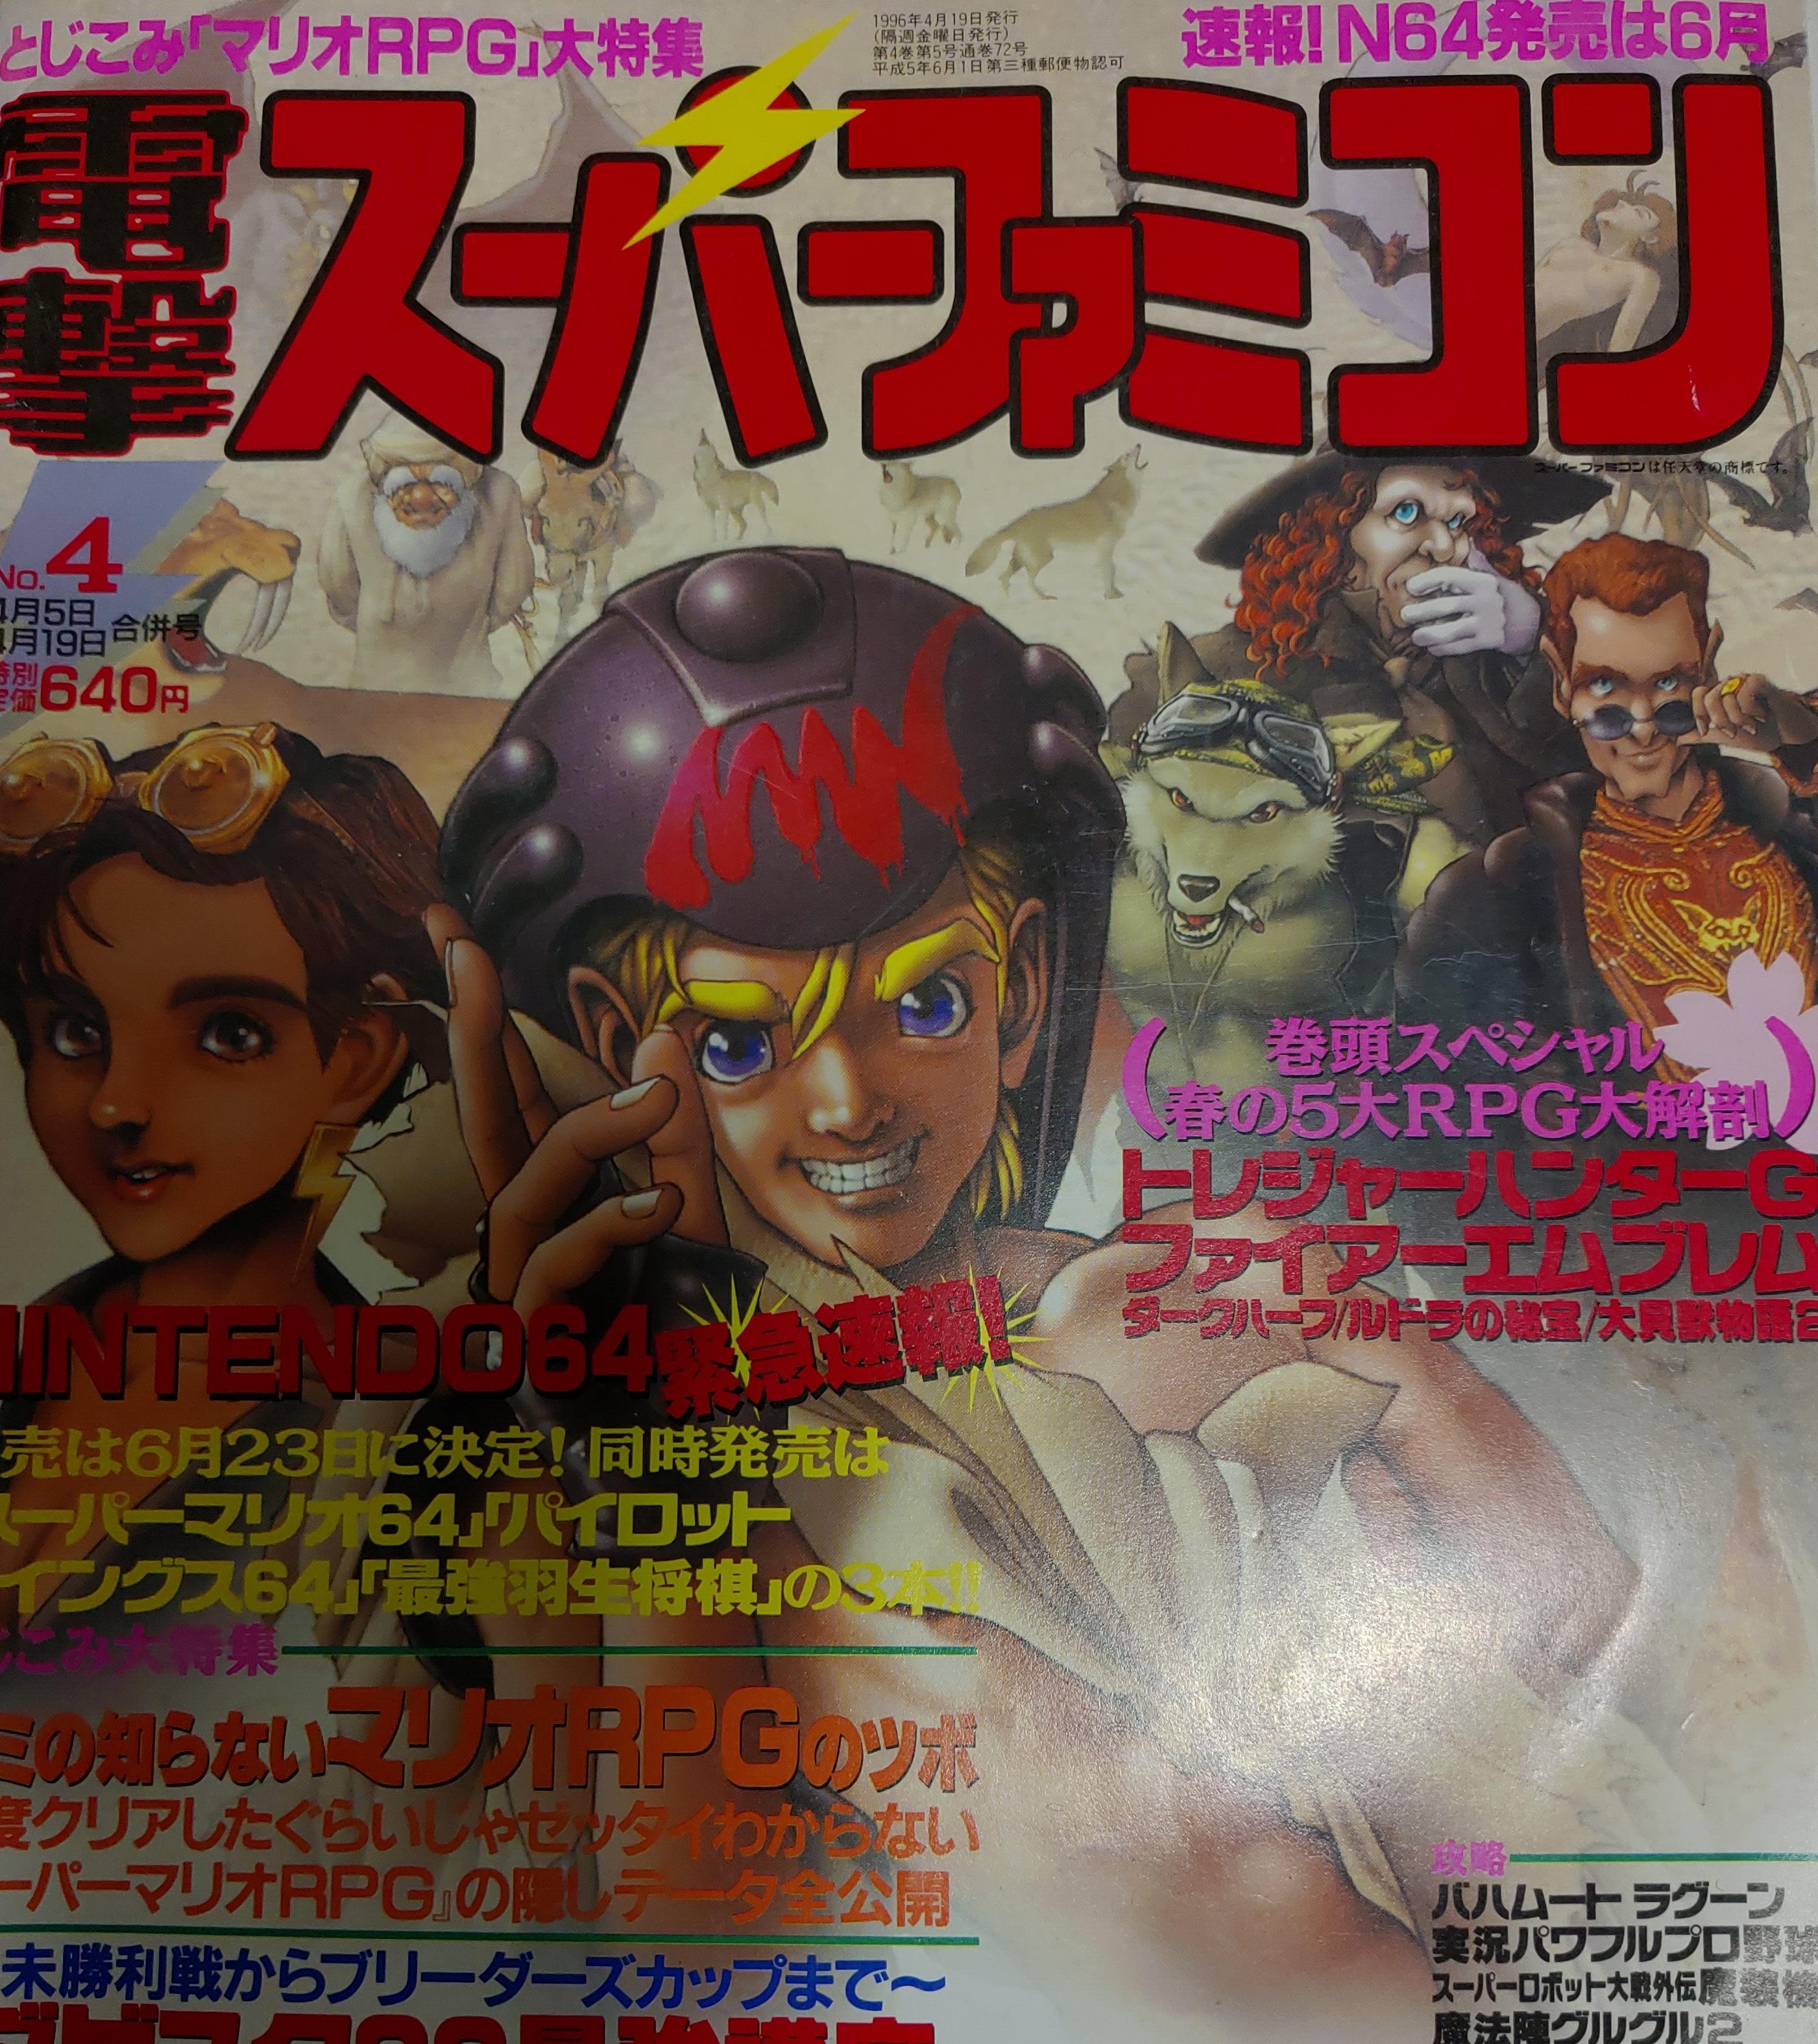 ゲーム雑誌を買っていたら、休刊した